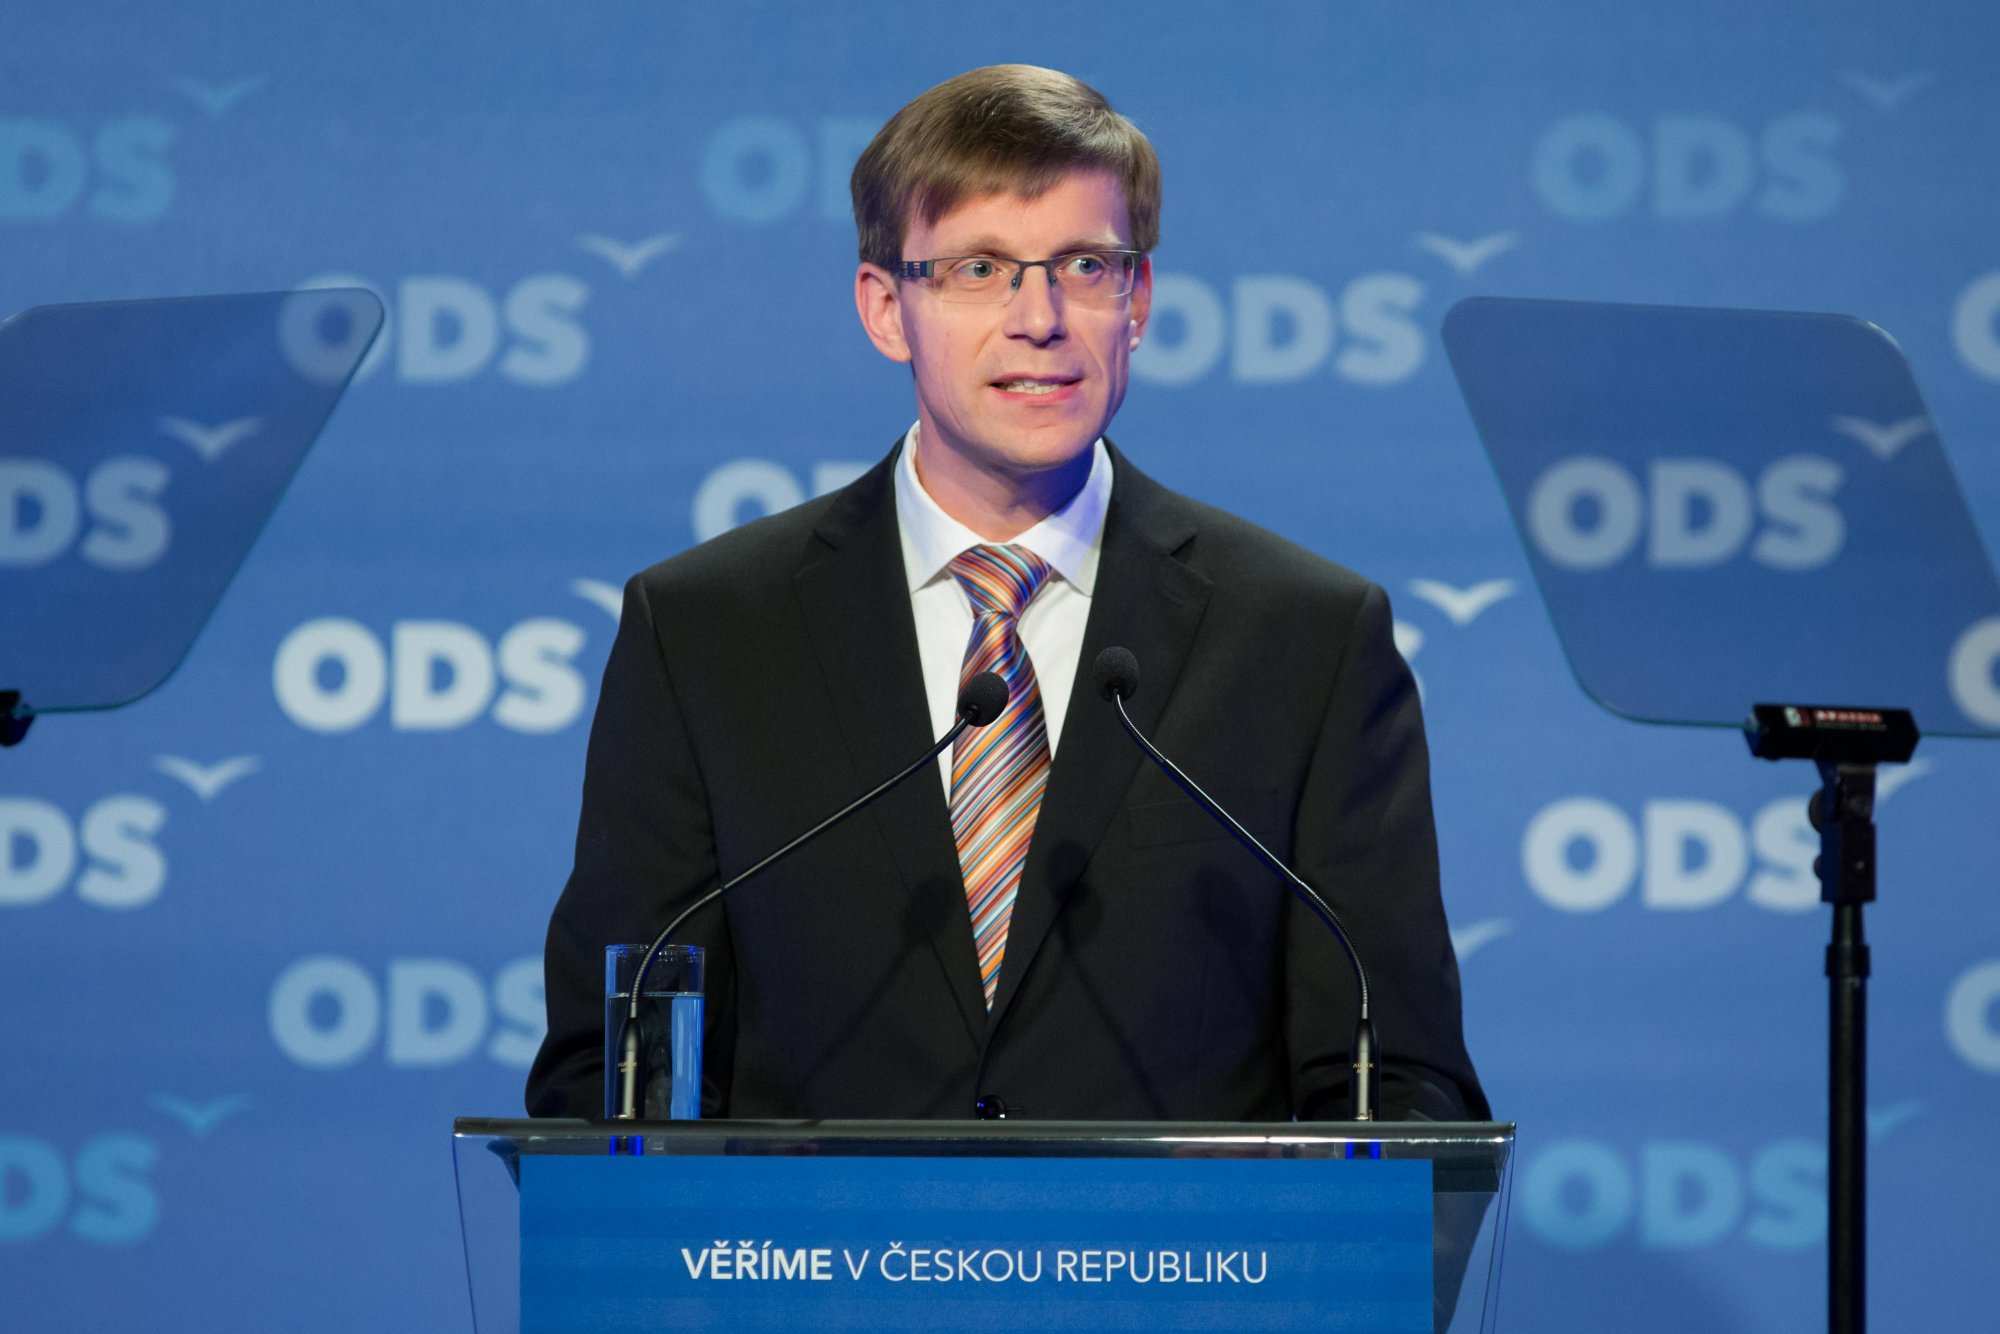 Vládní koalice ANO, ČSSD a KSČM udělala společně s SPD krok k politizaci státní správy